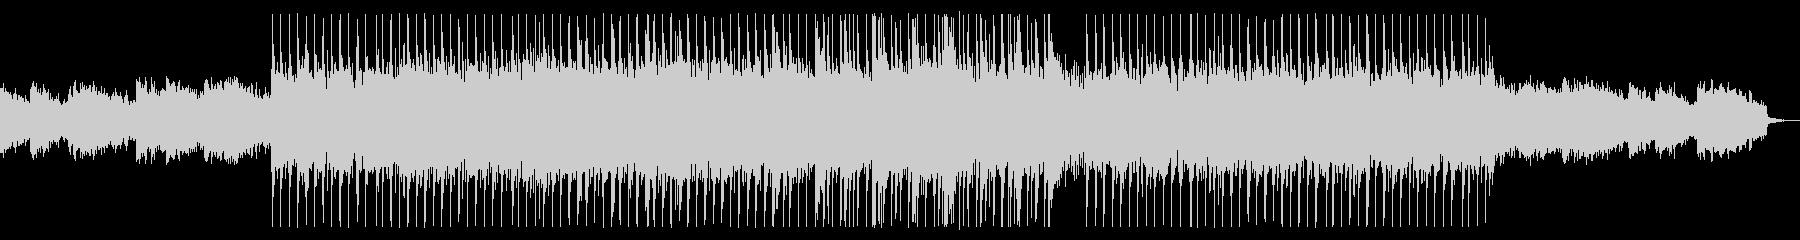 明るくウキウキするシンセサイザーの曲の未再生の波形